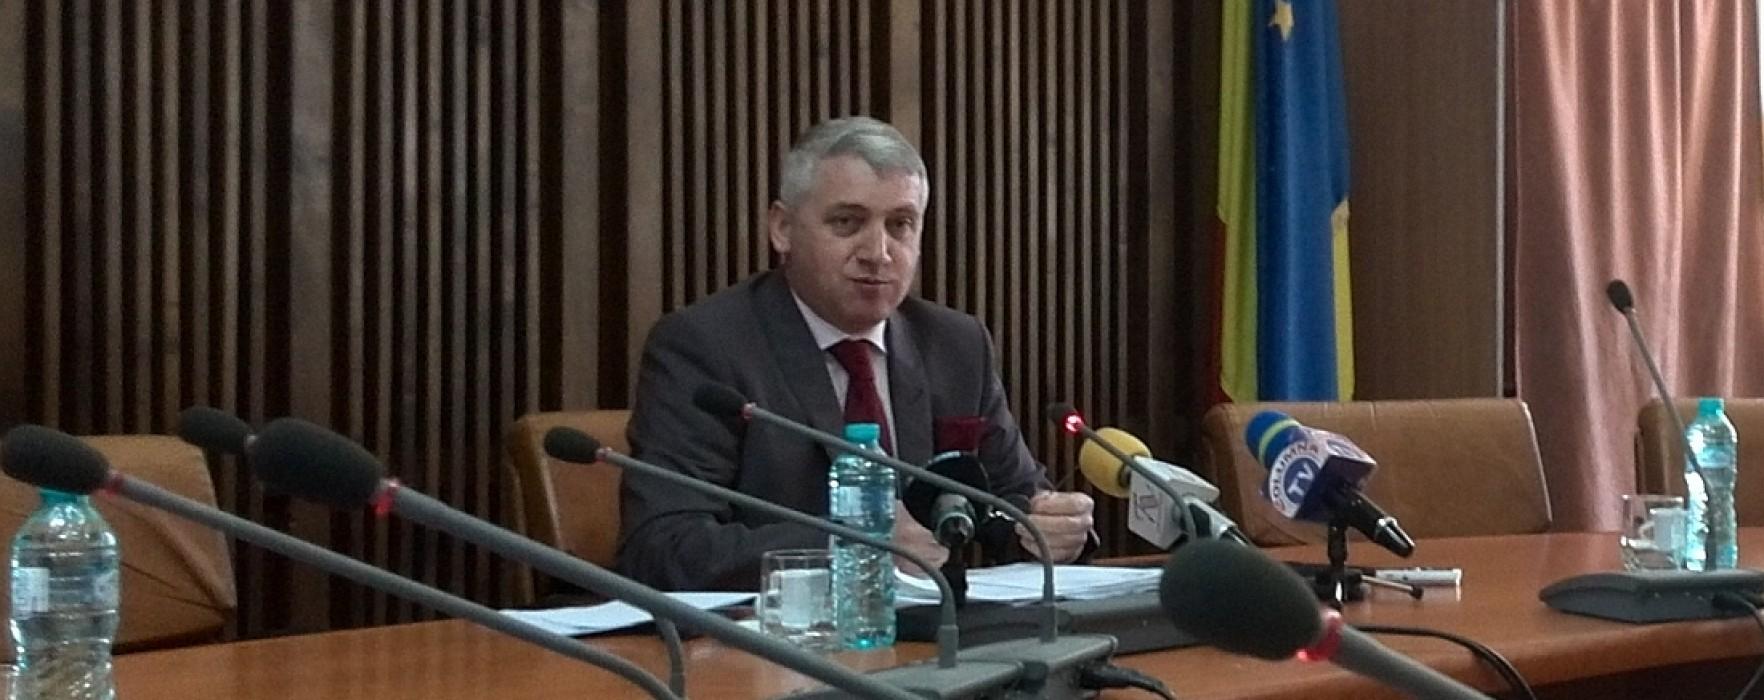 Adrian Ţuţuianu: Demersuri jurnalistice incorecte la Compania de Apă; nu vor fi numiţi ziarişti în consiliul de administraţie (video)